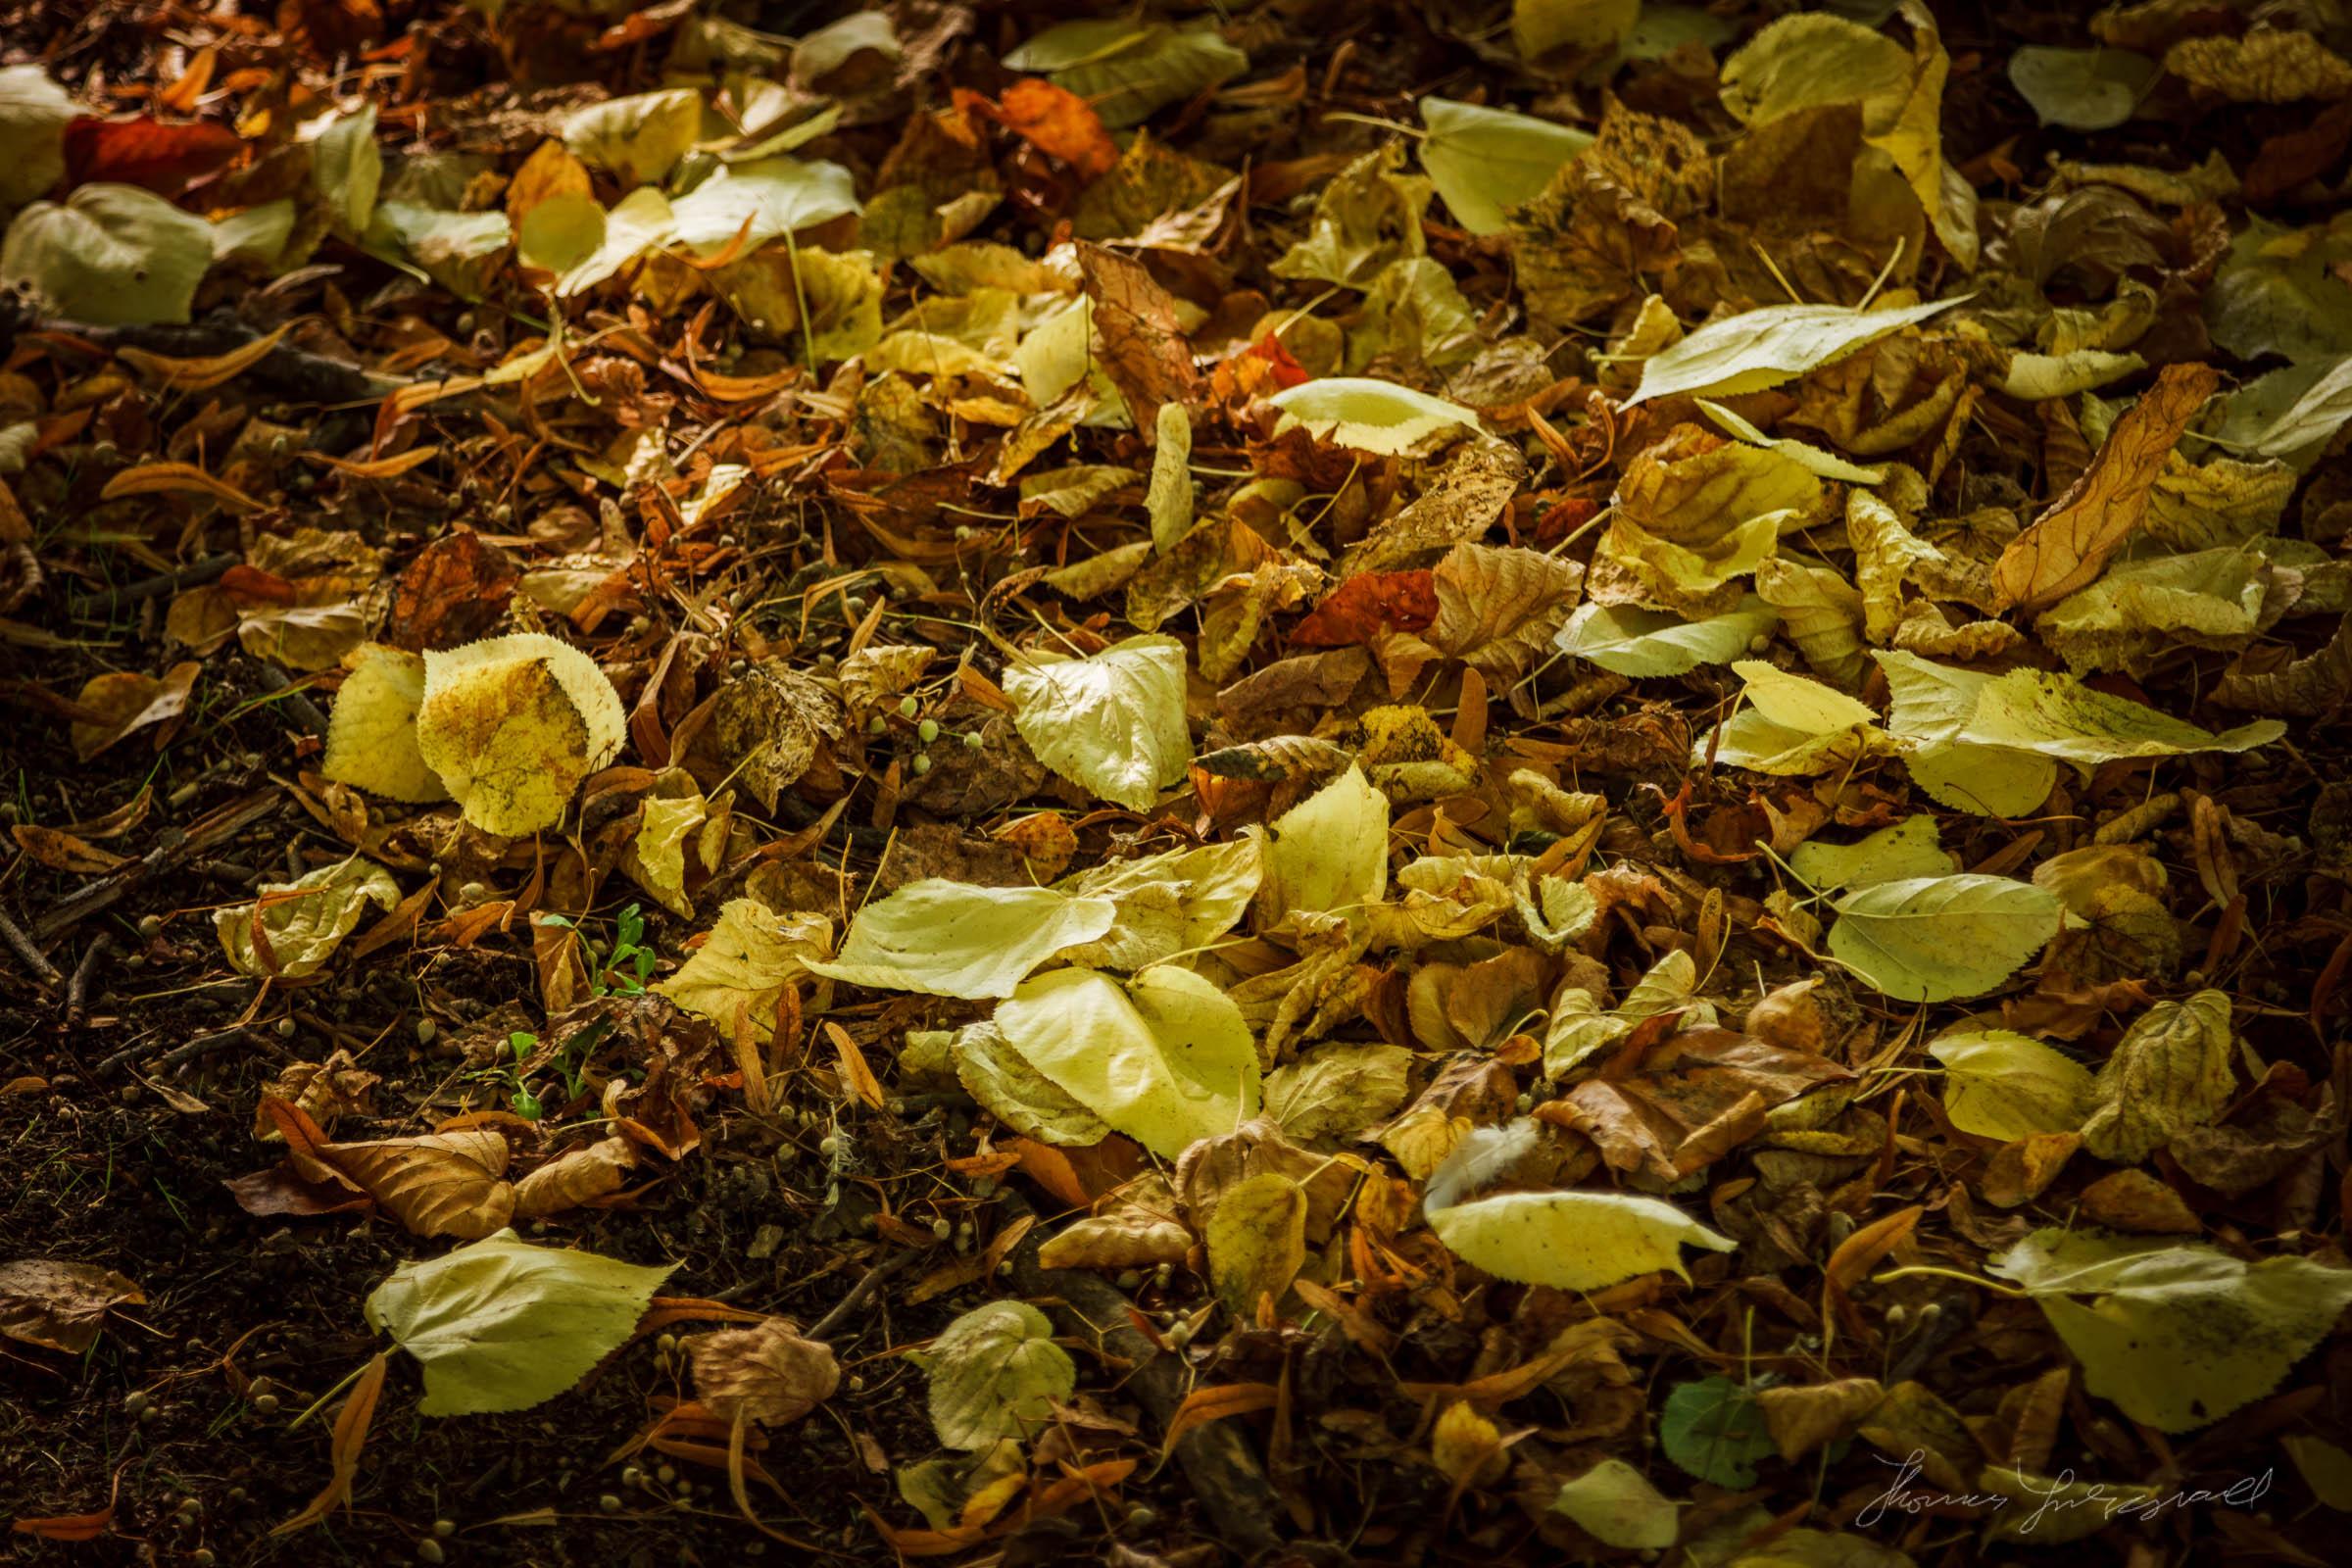 Autumn-Dublin-Sony-A6000-15.jpg